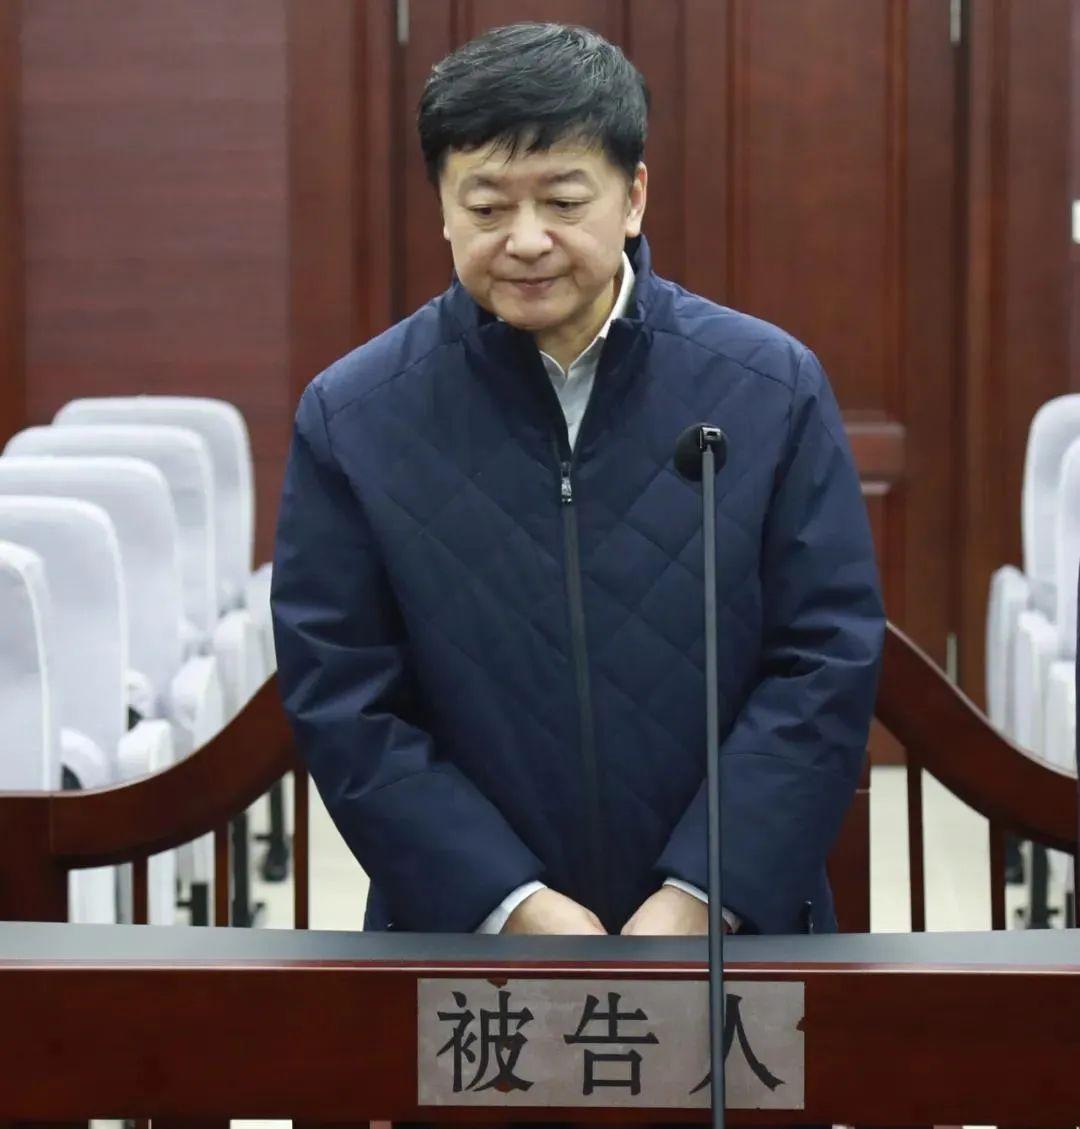 杏悦平台:官巨贪的杏悦平台典型王敬先被判无图片